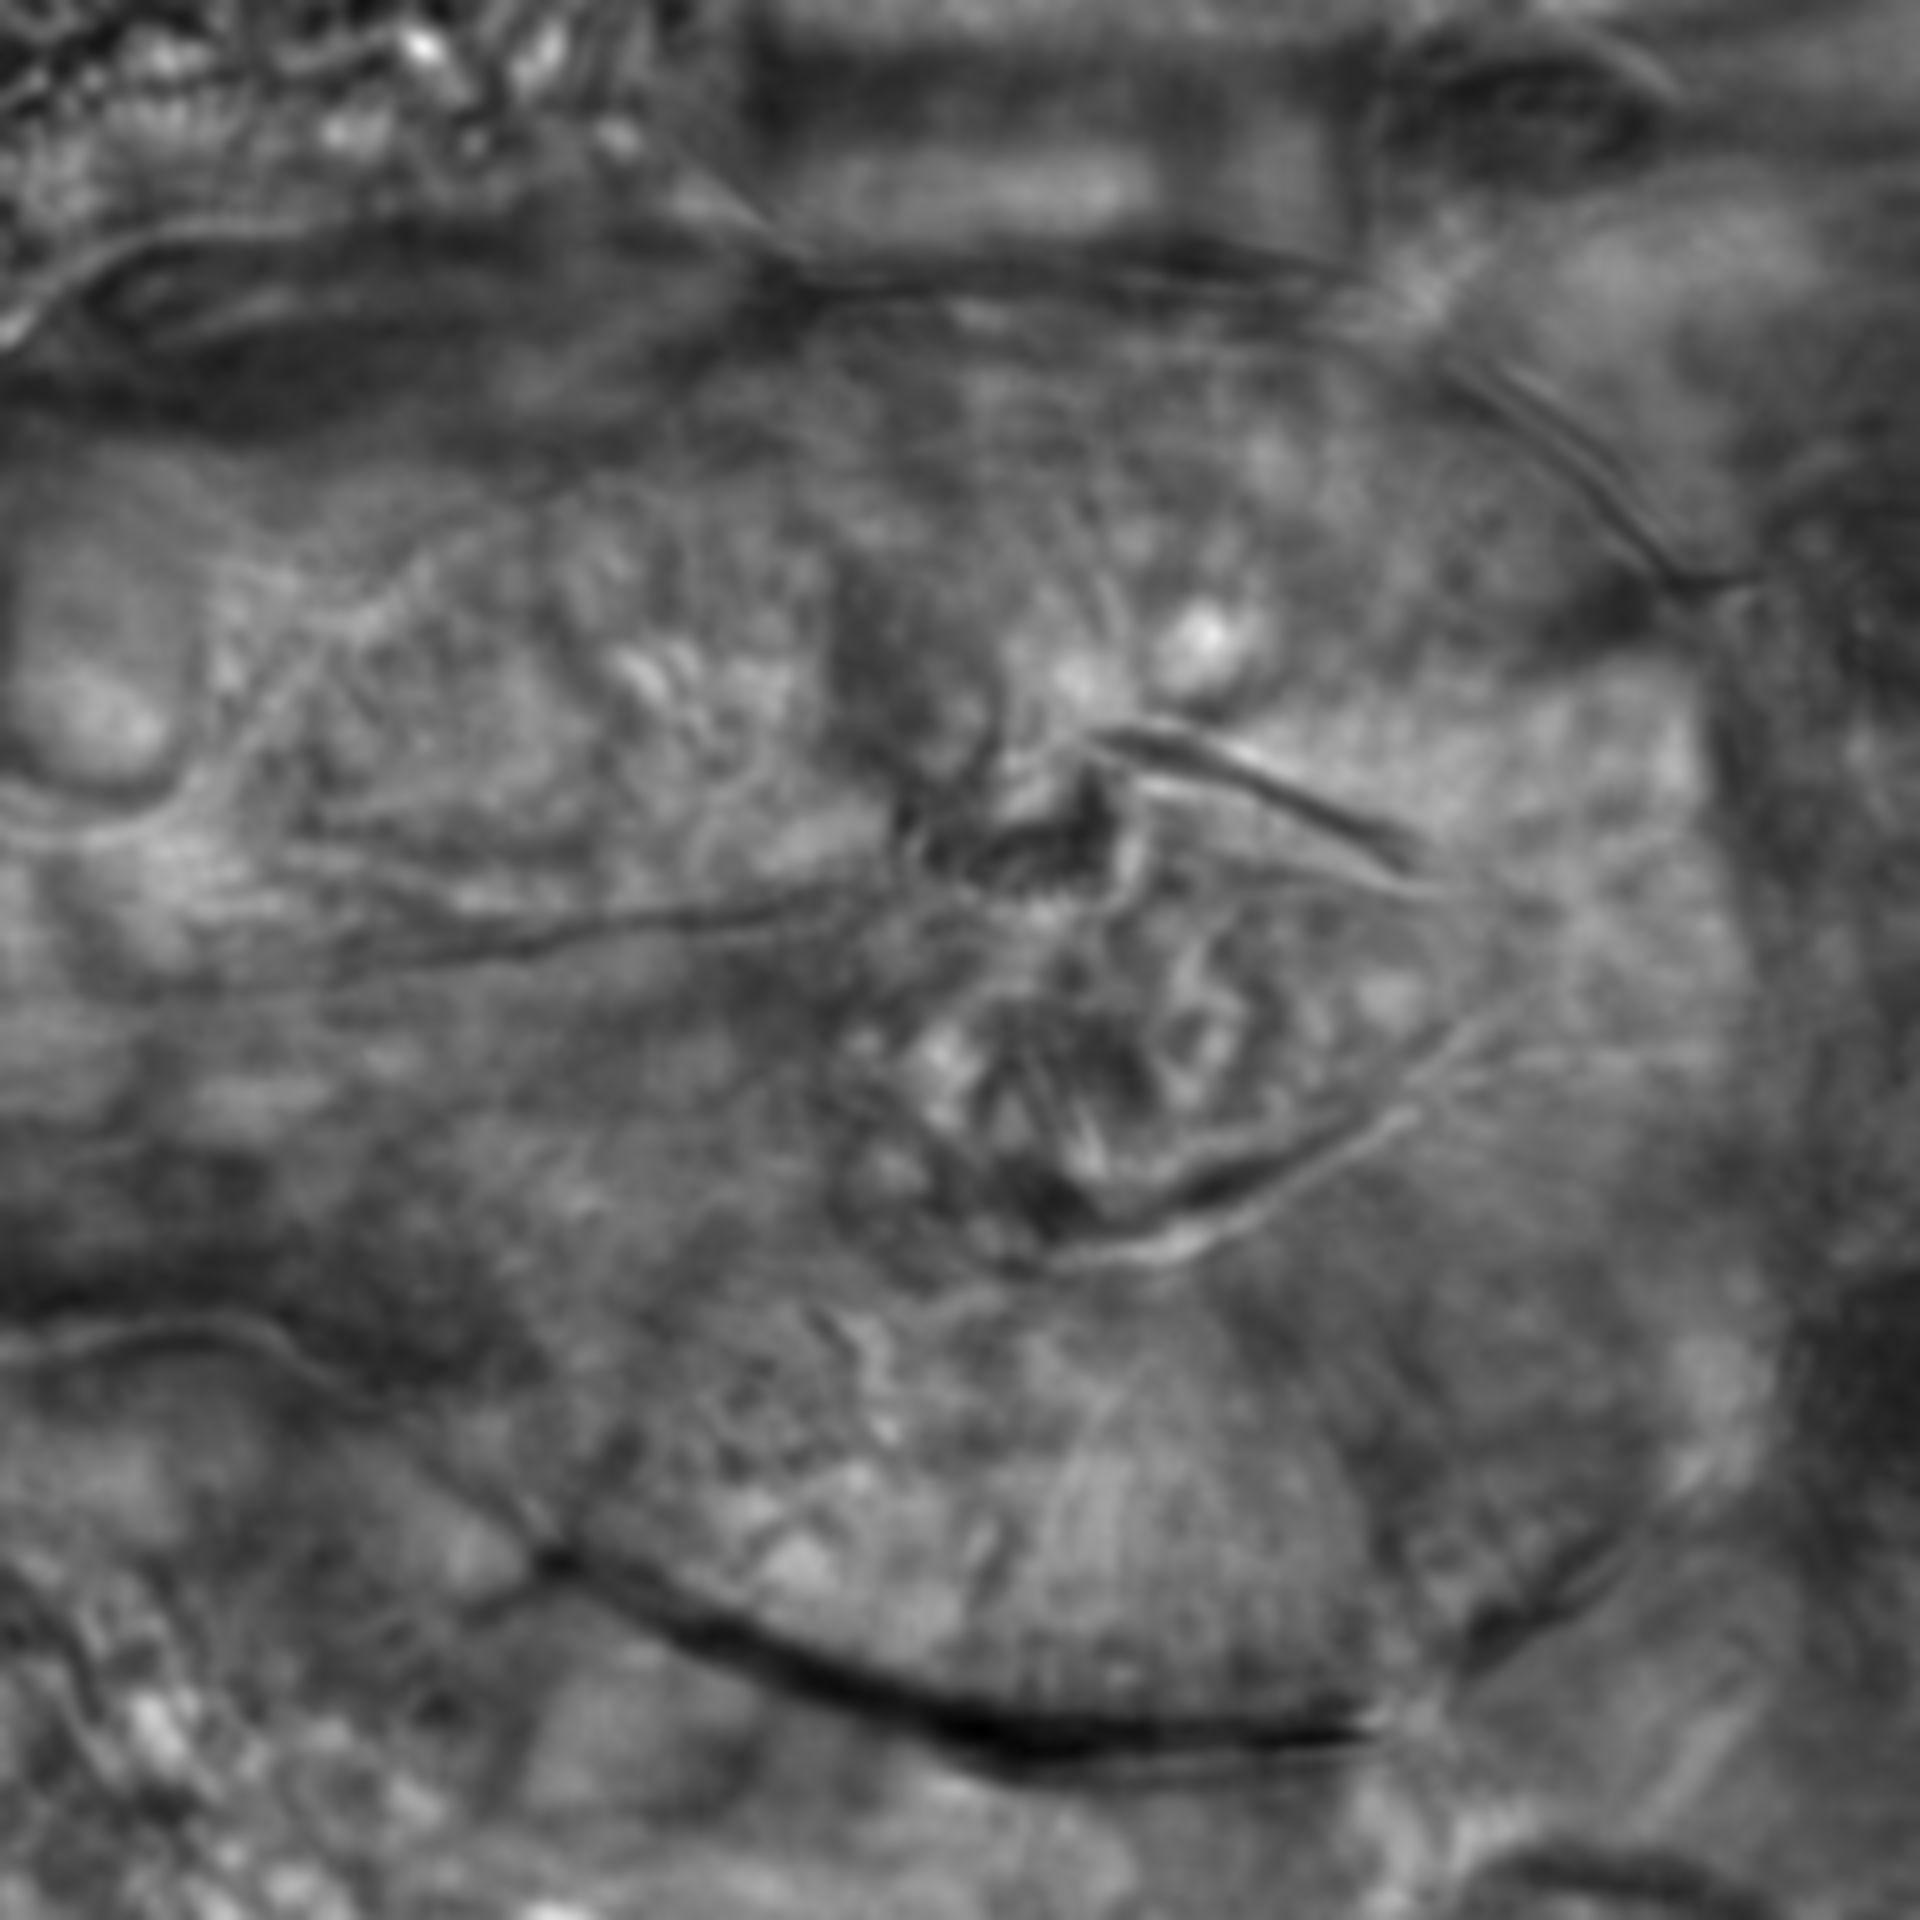 Caenorhabditis elegans - CIL:2842